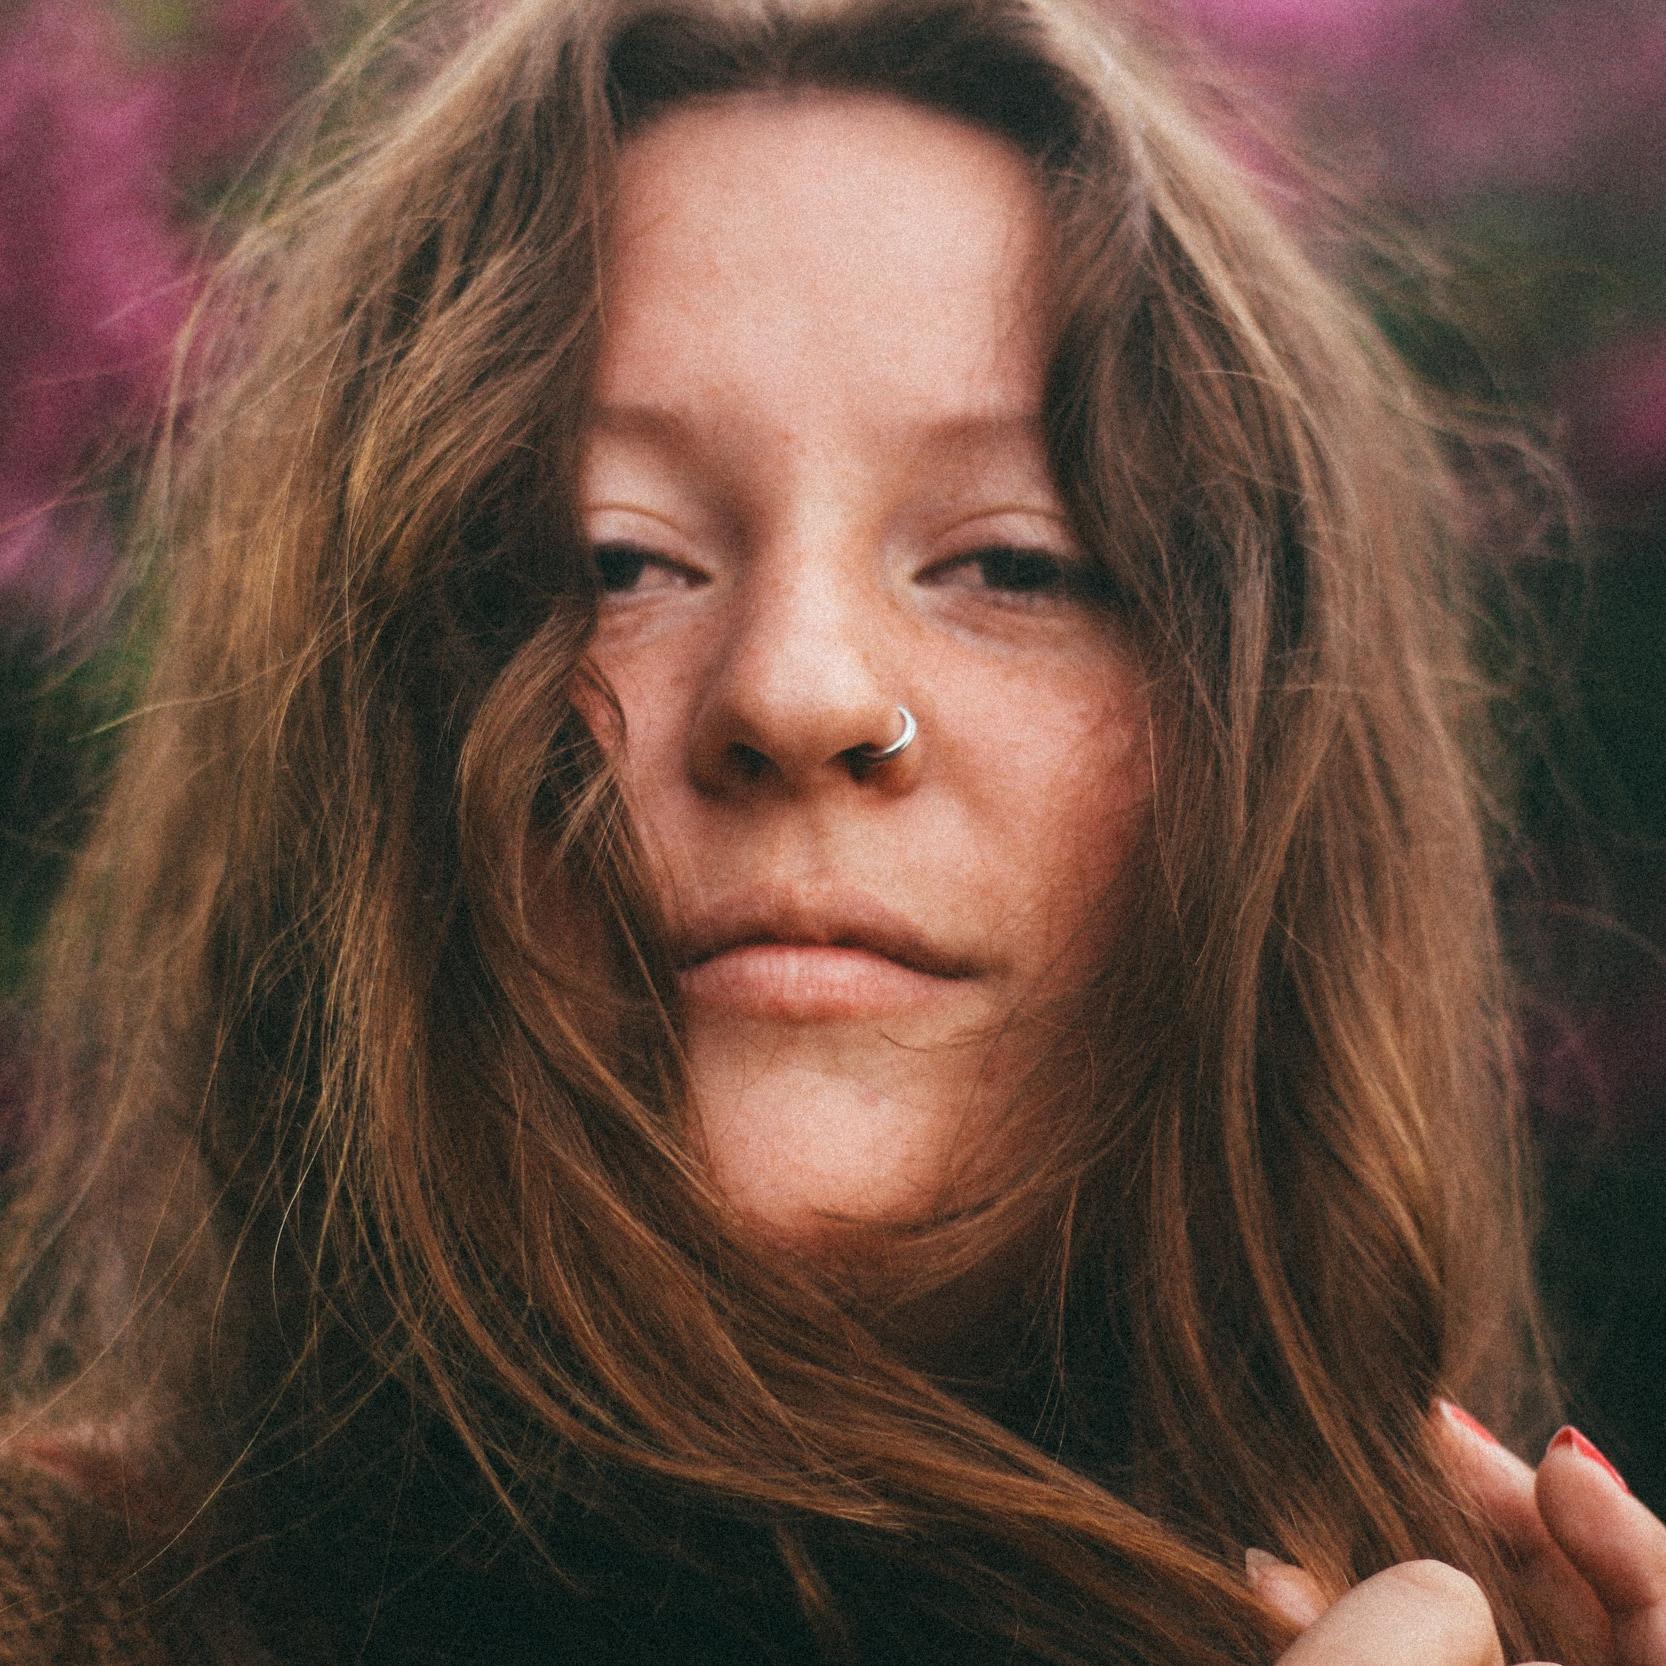 Ashley Guzman